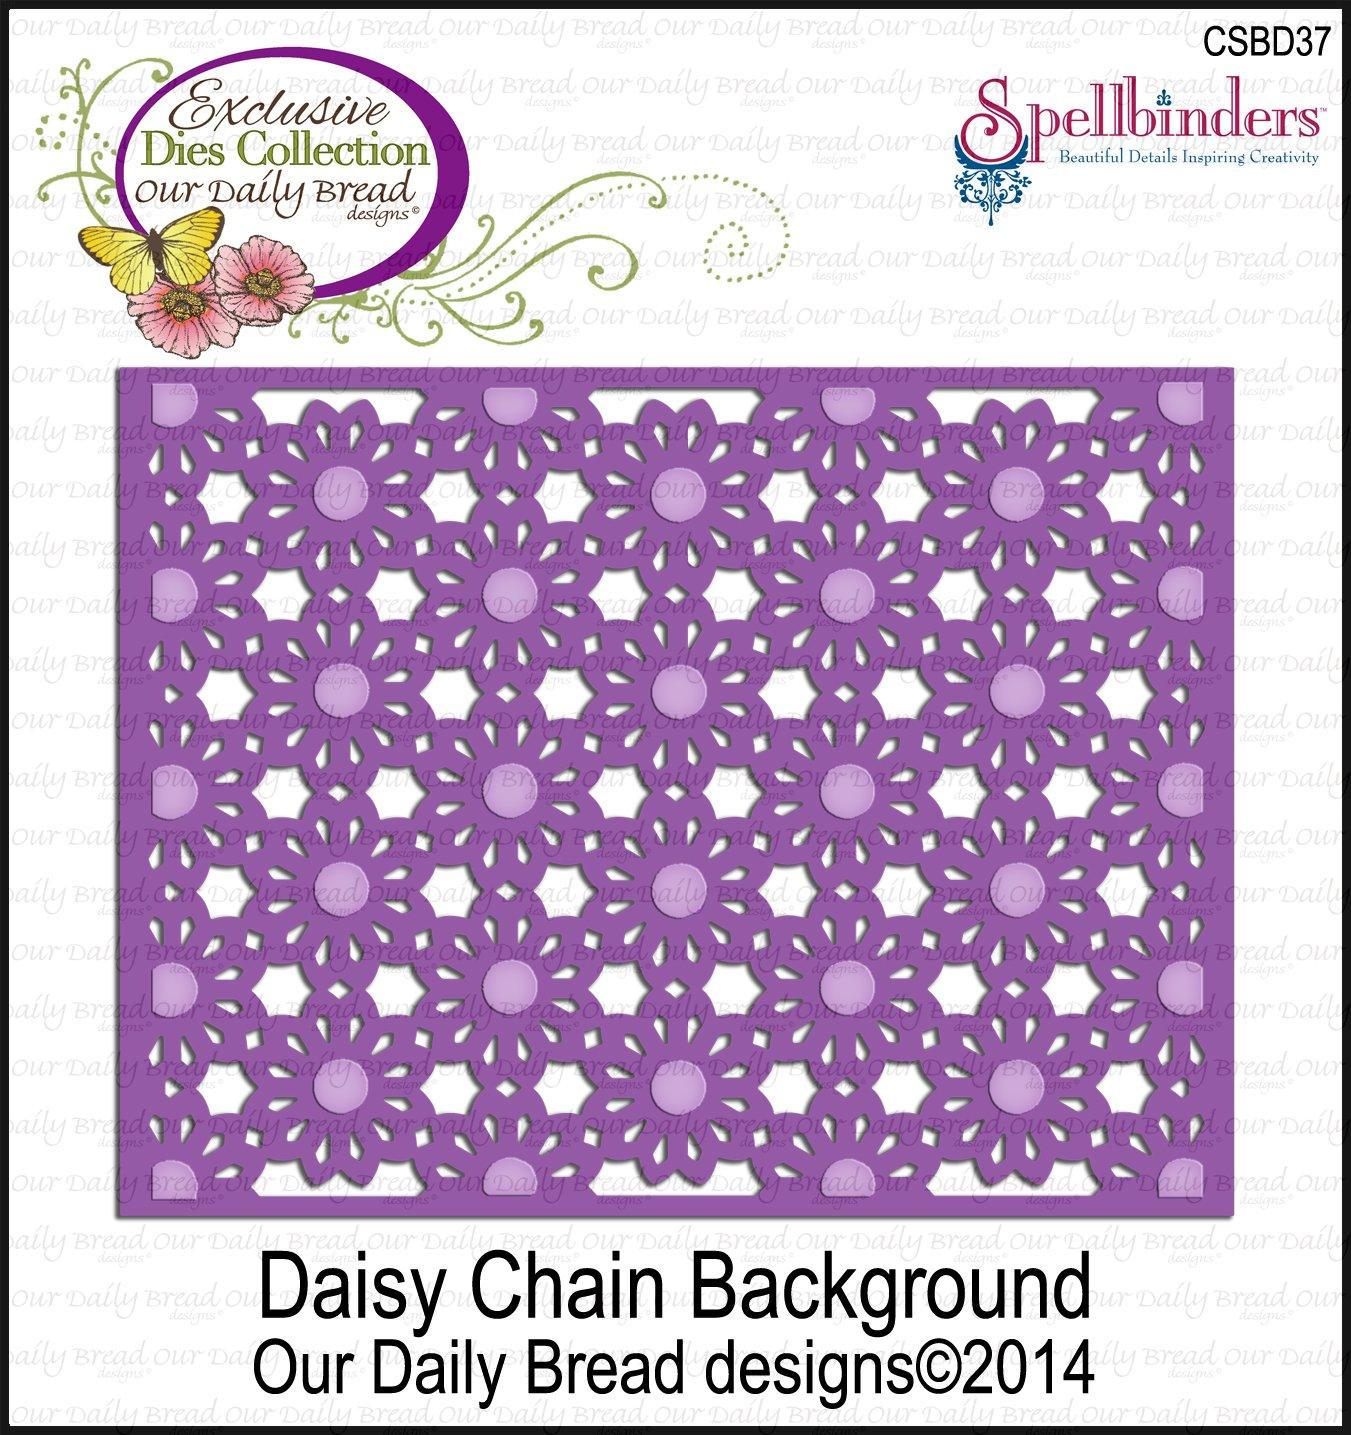 Die, Daisy Chain Background